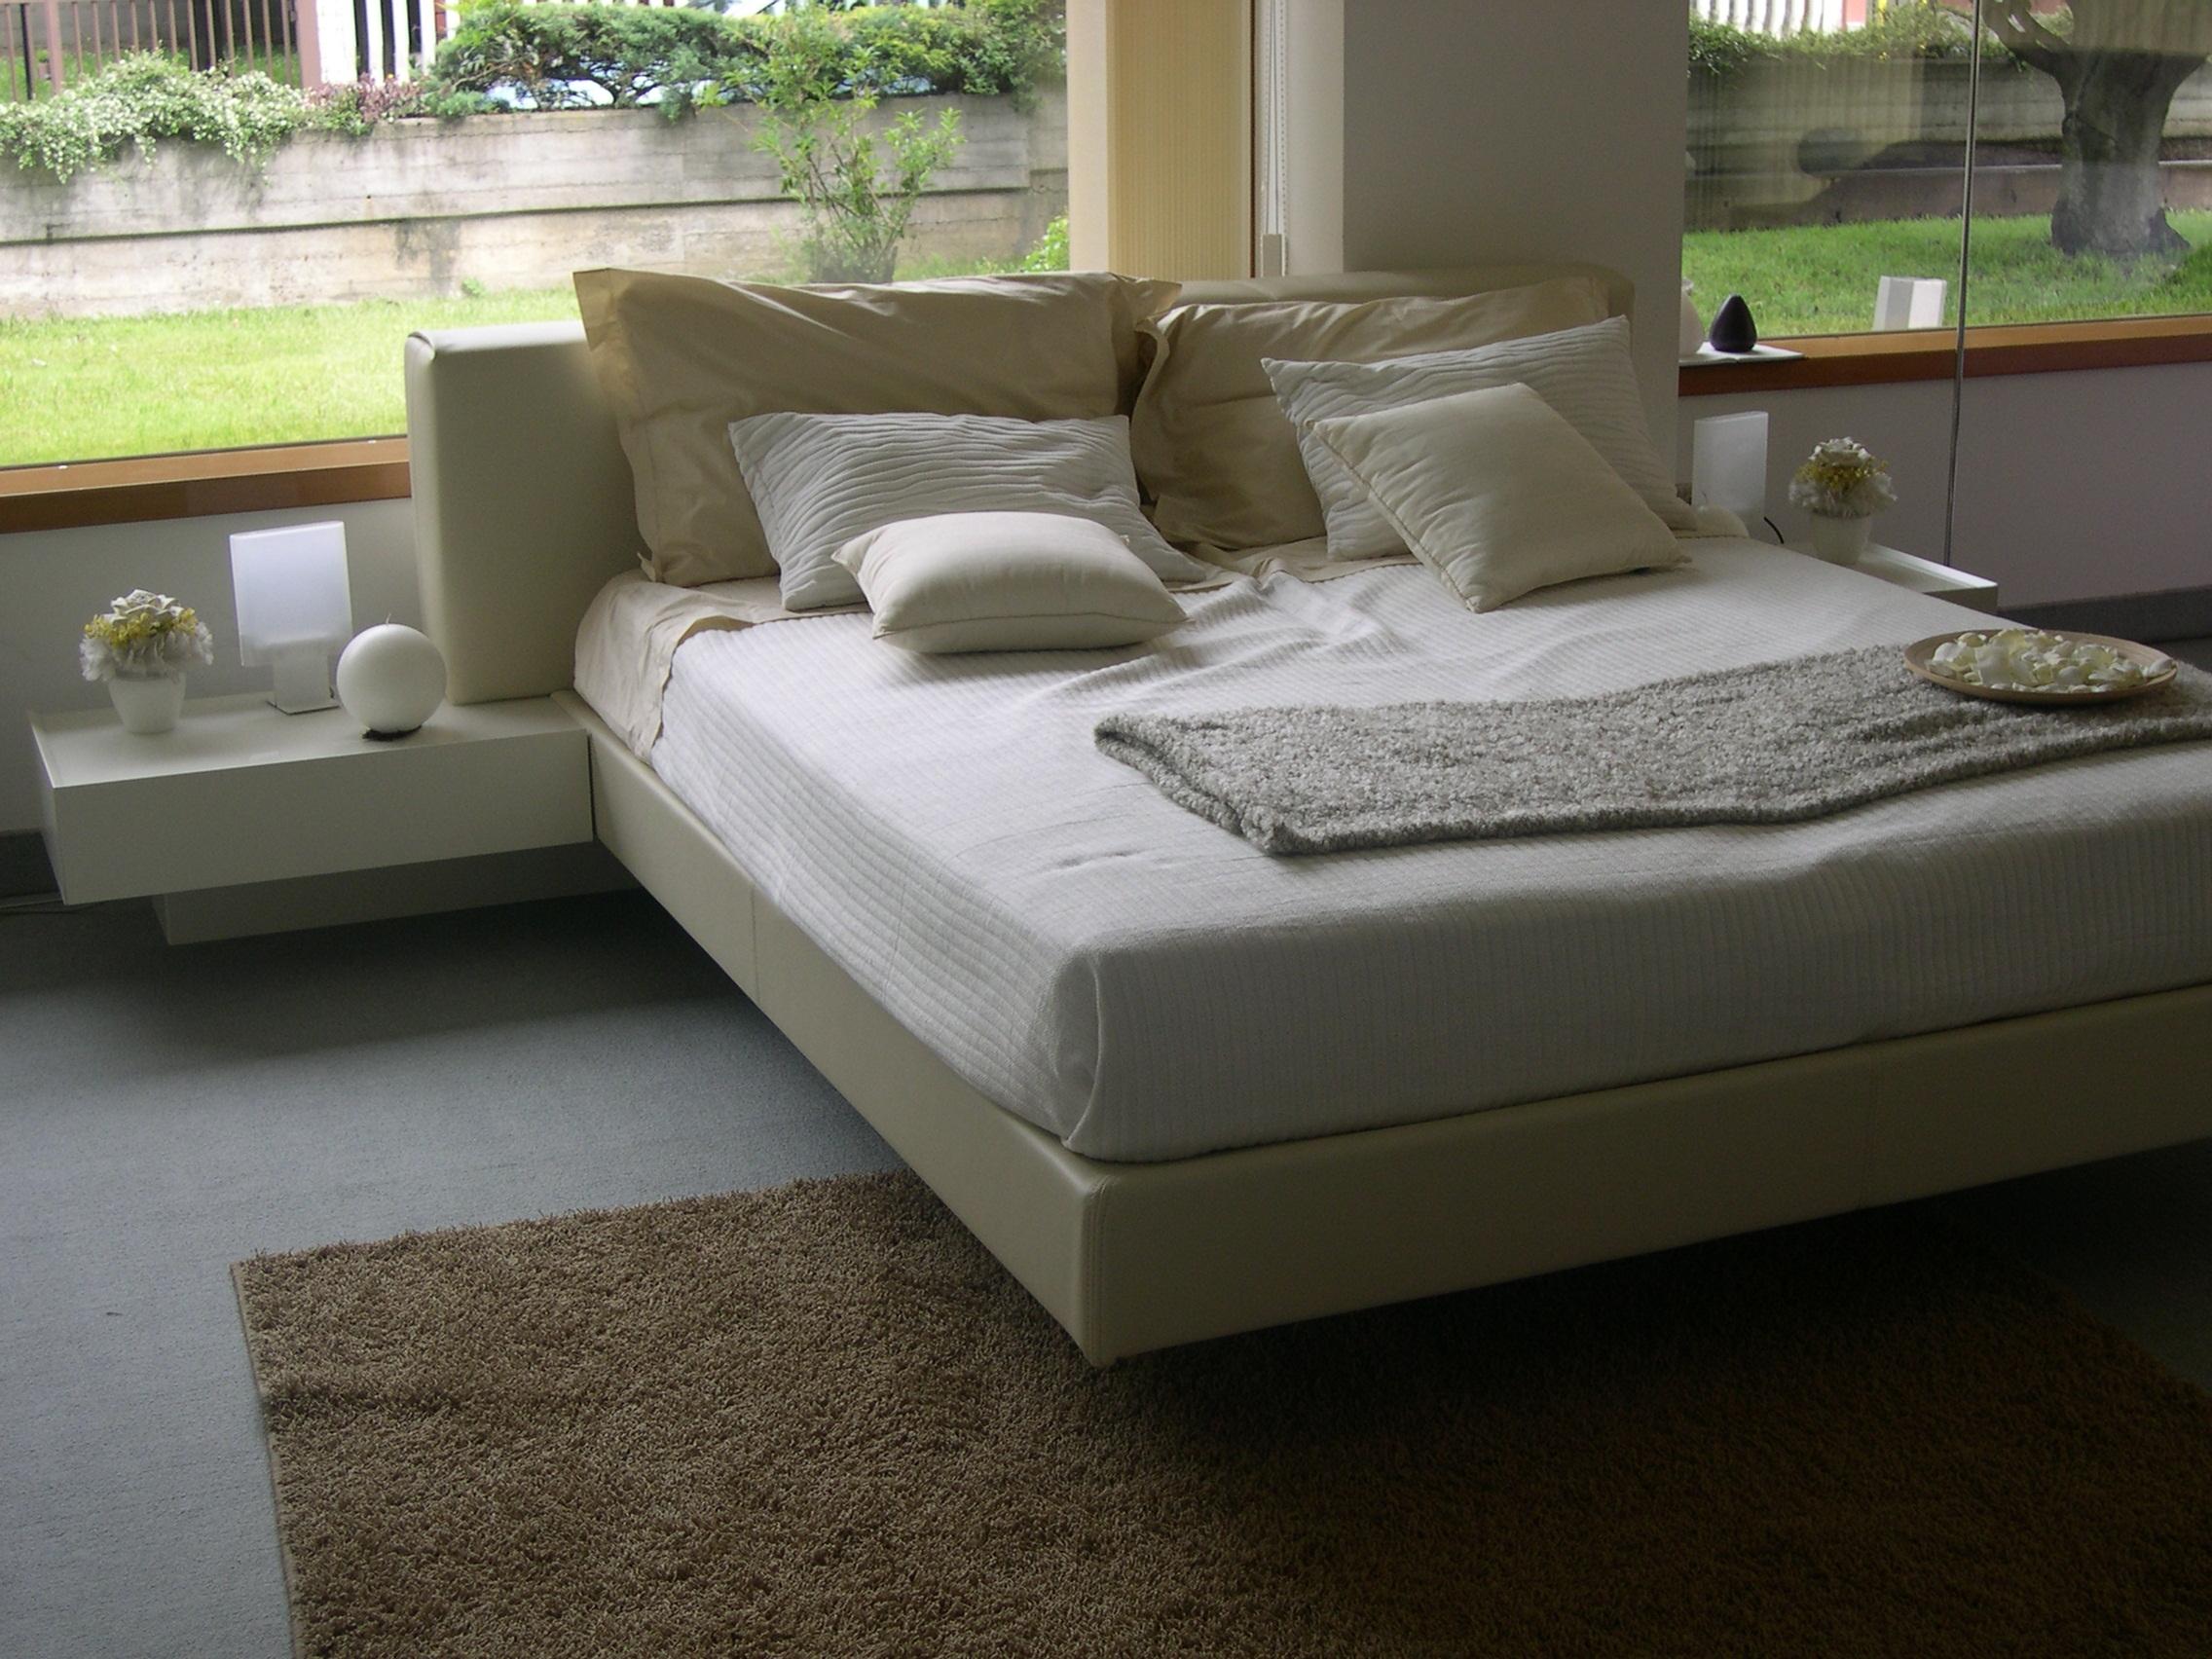 camera da letto stilema prezzi. fabulous stilema camera da letto ... - Camera Da Letto Stilema Prezzi